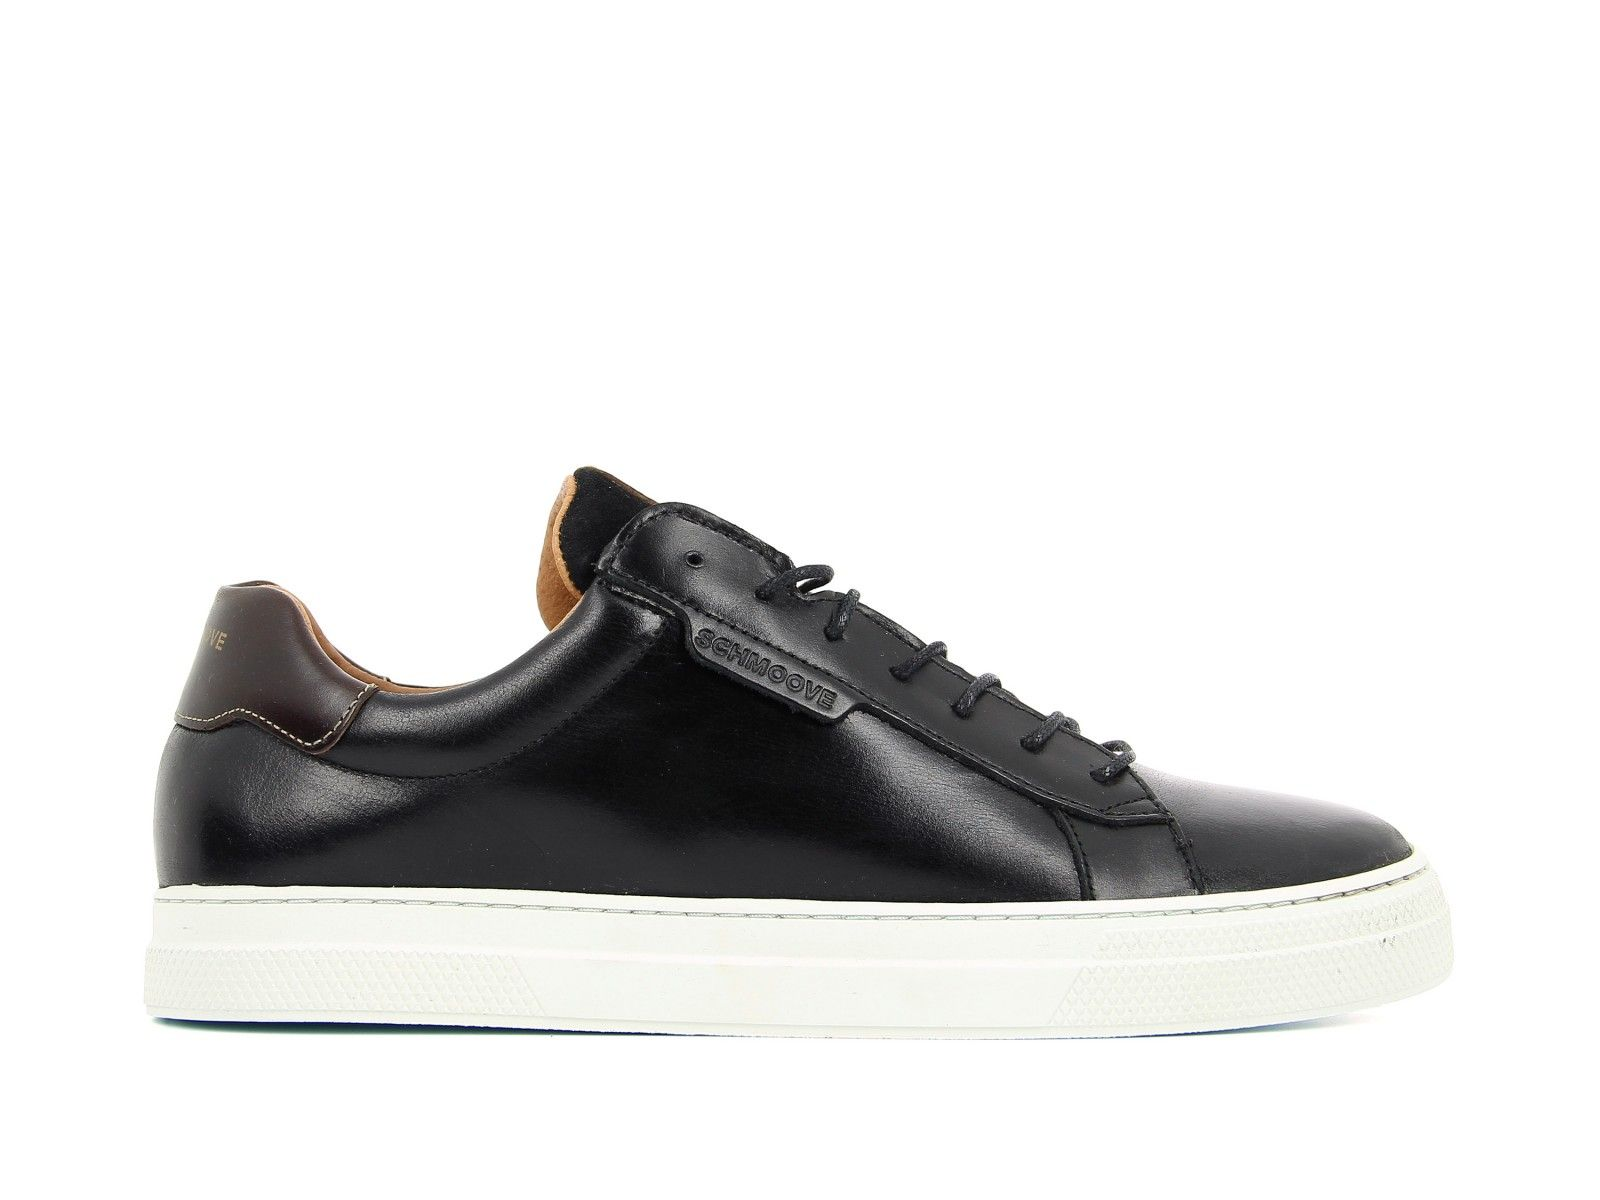 Chaussures Spark Clay Ciclon Black, esprit sport chic et